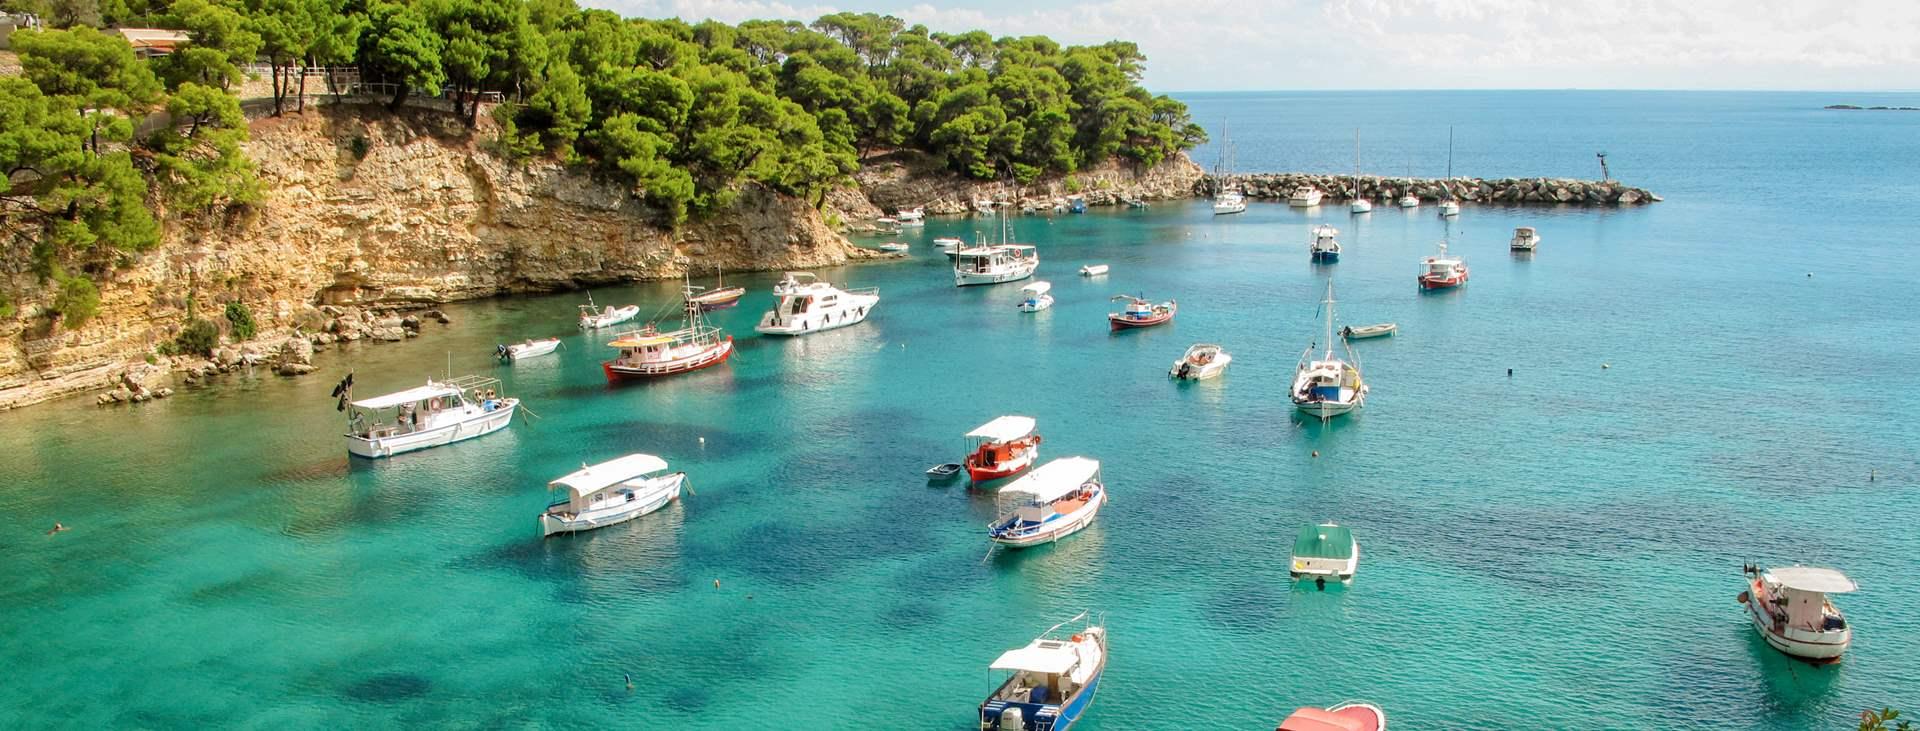 Bestill en reise til Alonissos i Hellas med Ving